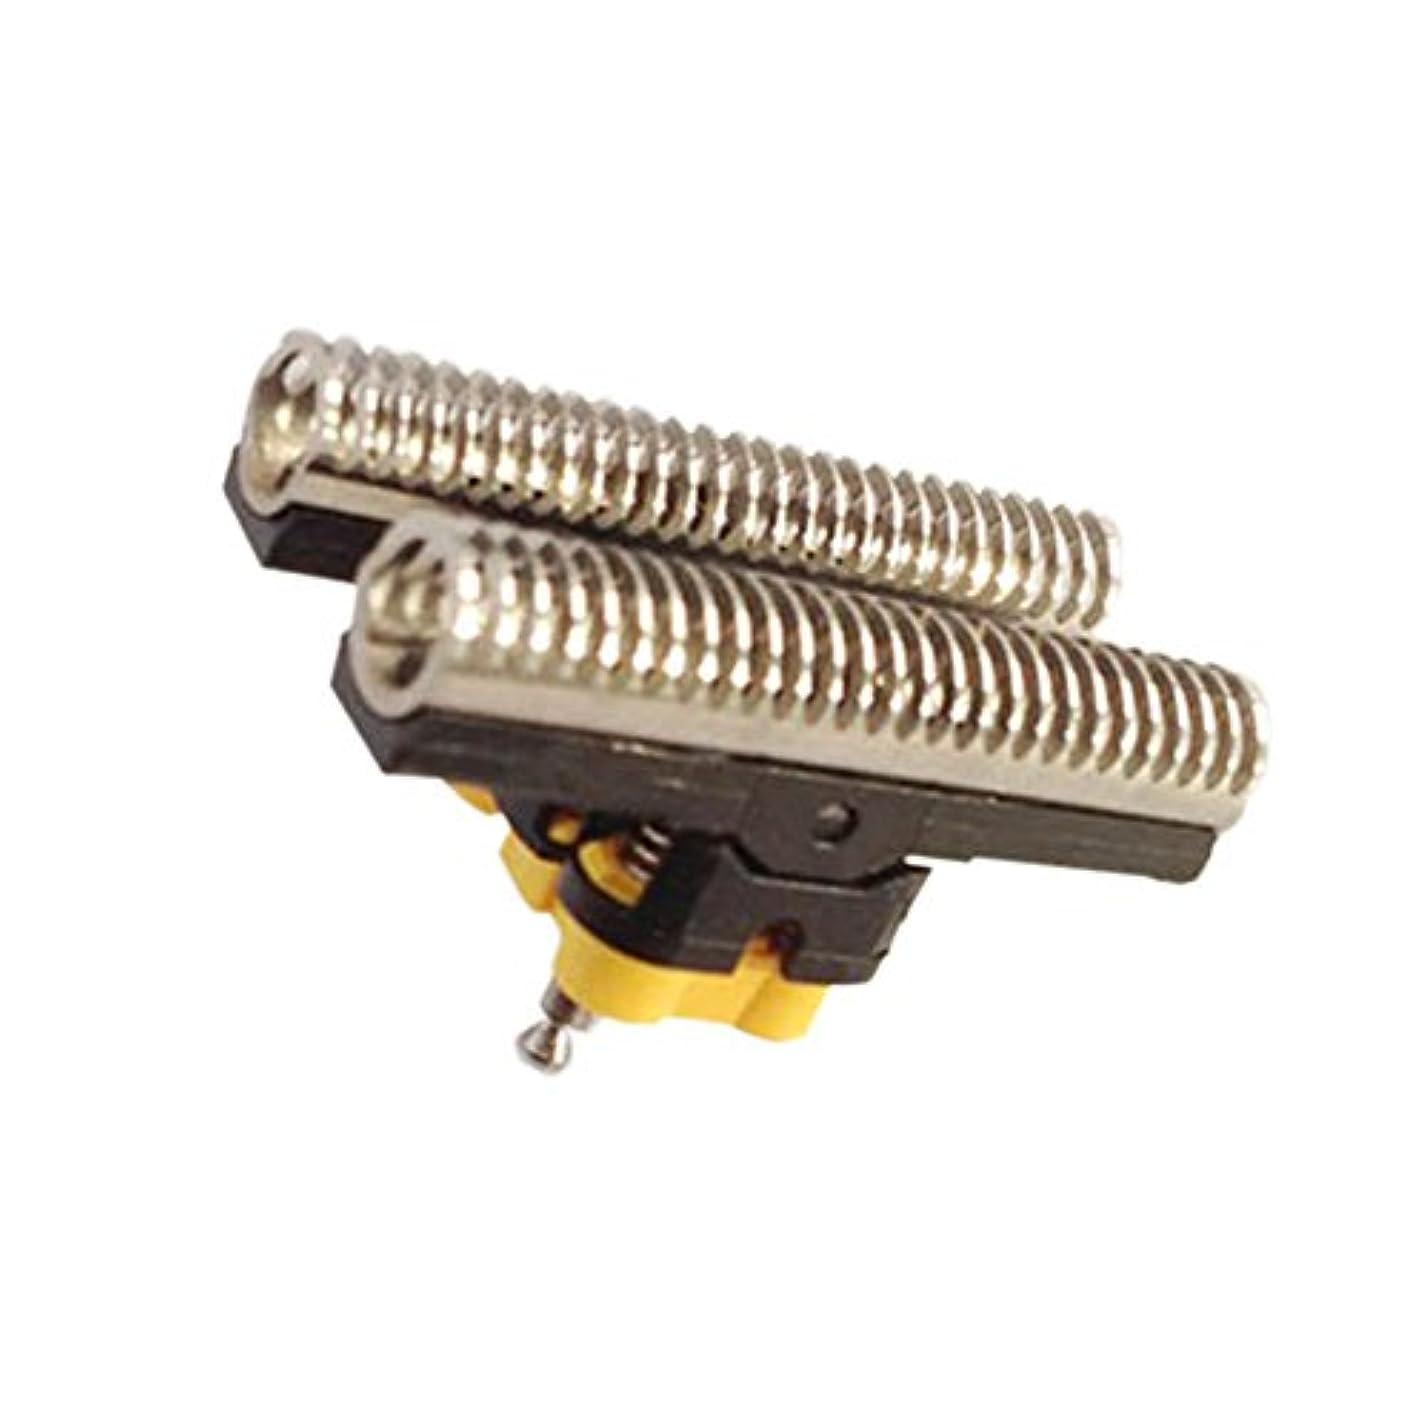 理想的蓋受粉者HZjundasi Replacement シェーバー 刃 for Braun 8000/7000/6000/5000/4000/3/5 Series